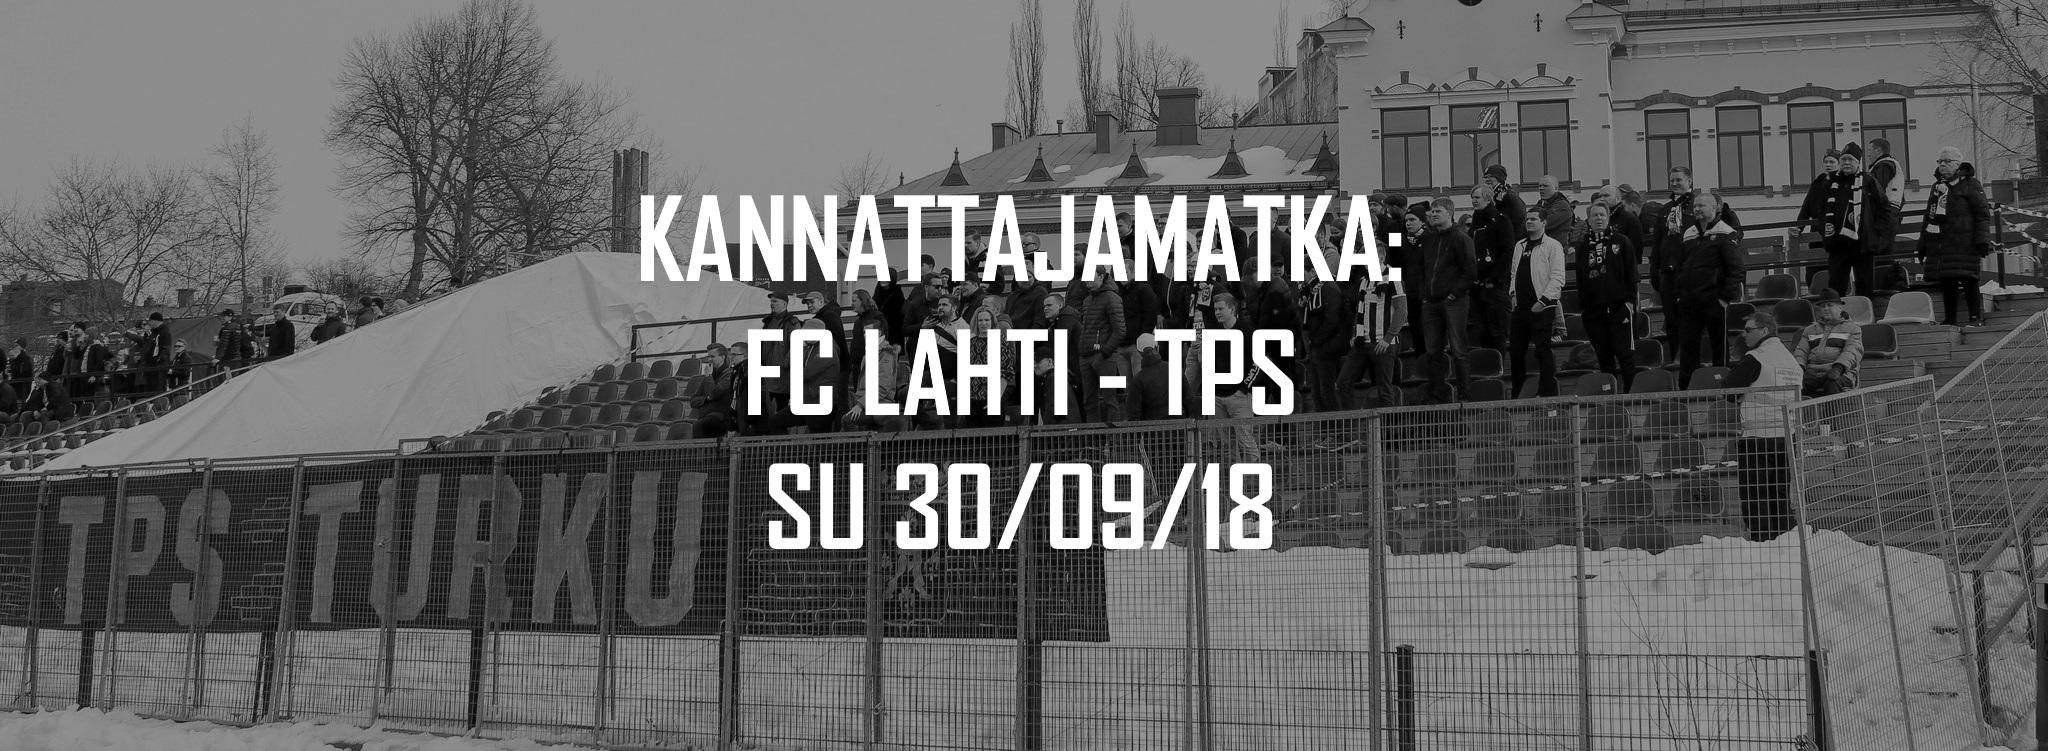 Kannattajamatka: FC Lahti – TPS sunnuntaina 30.9.